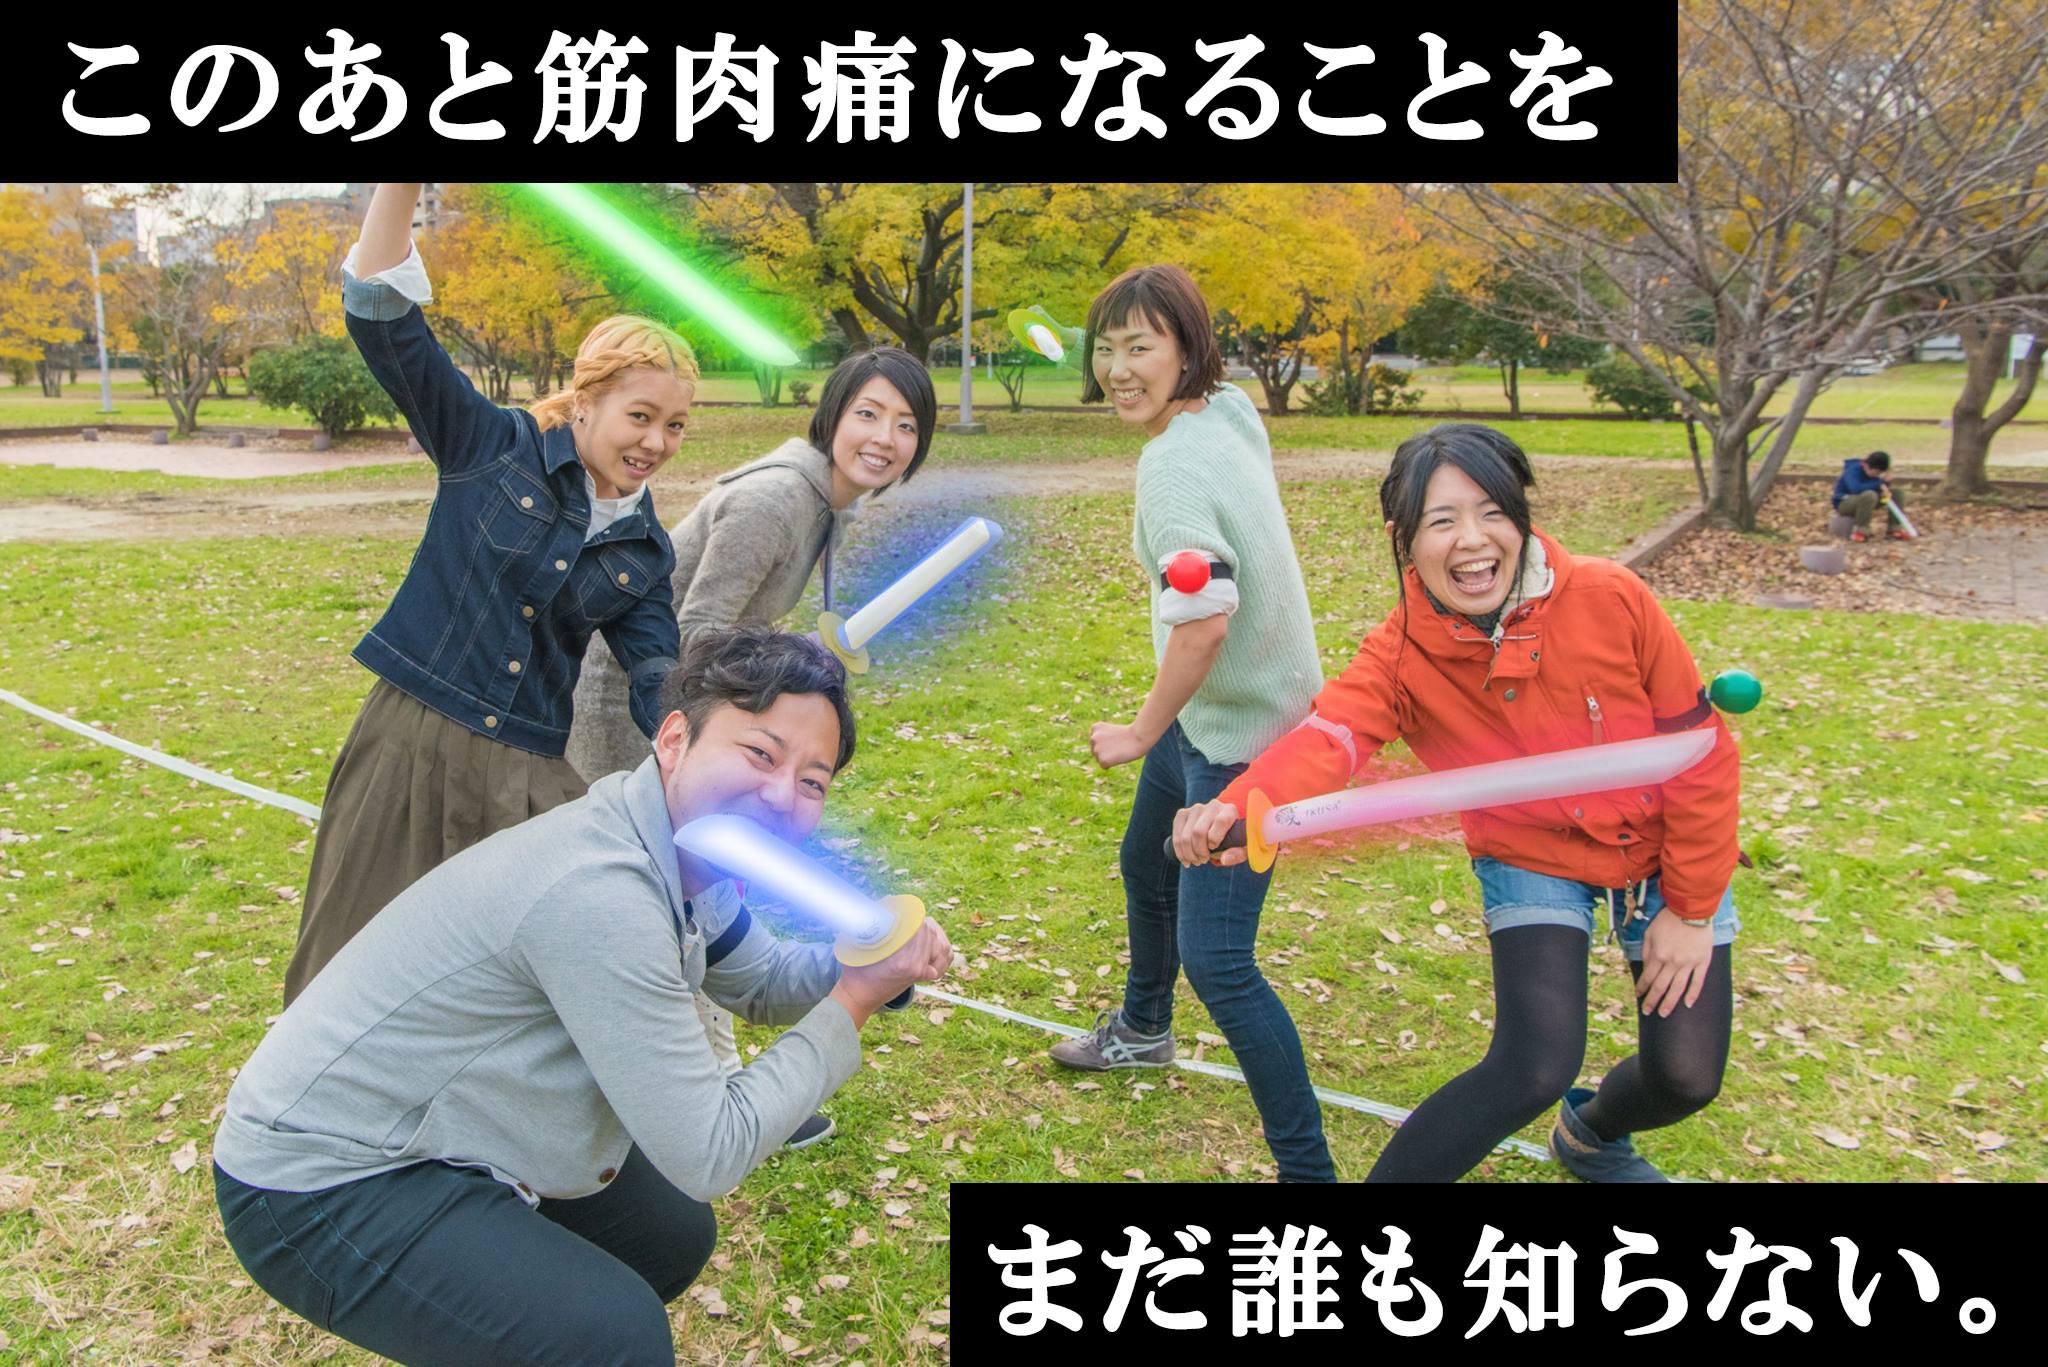 2015年斬り納め!過去最高合戦数に挑戦!?